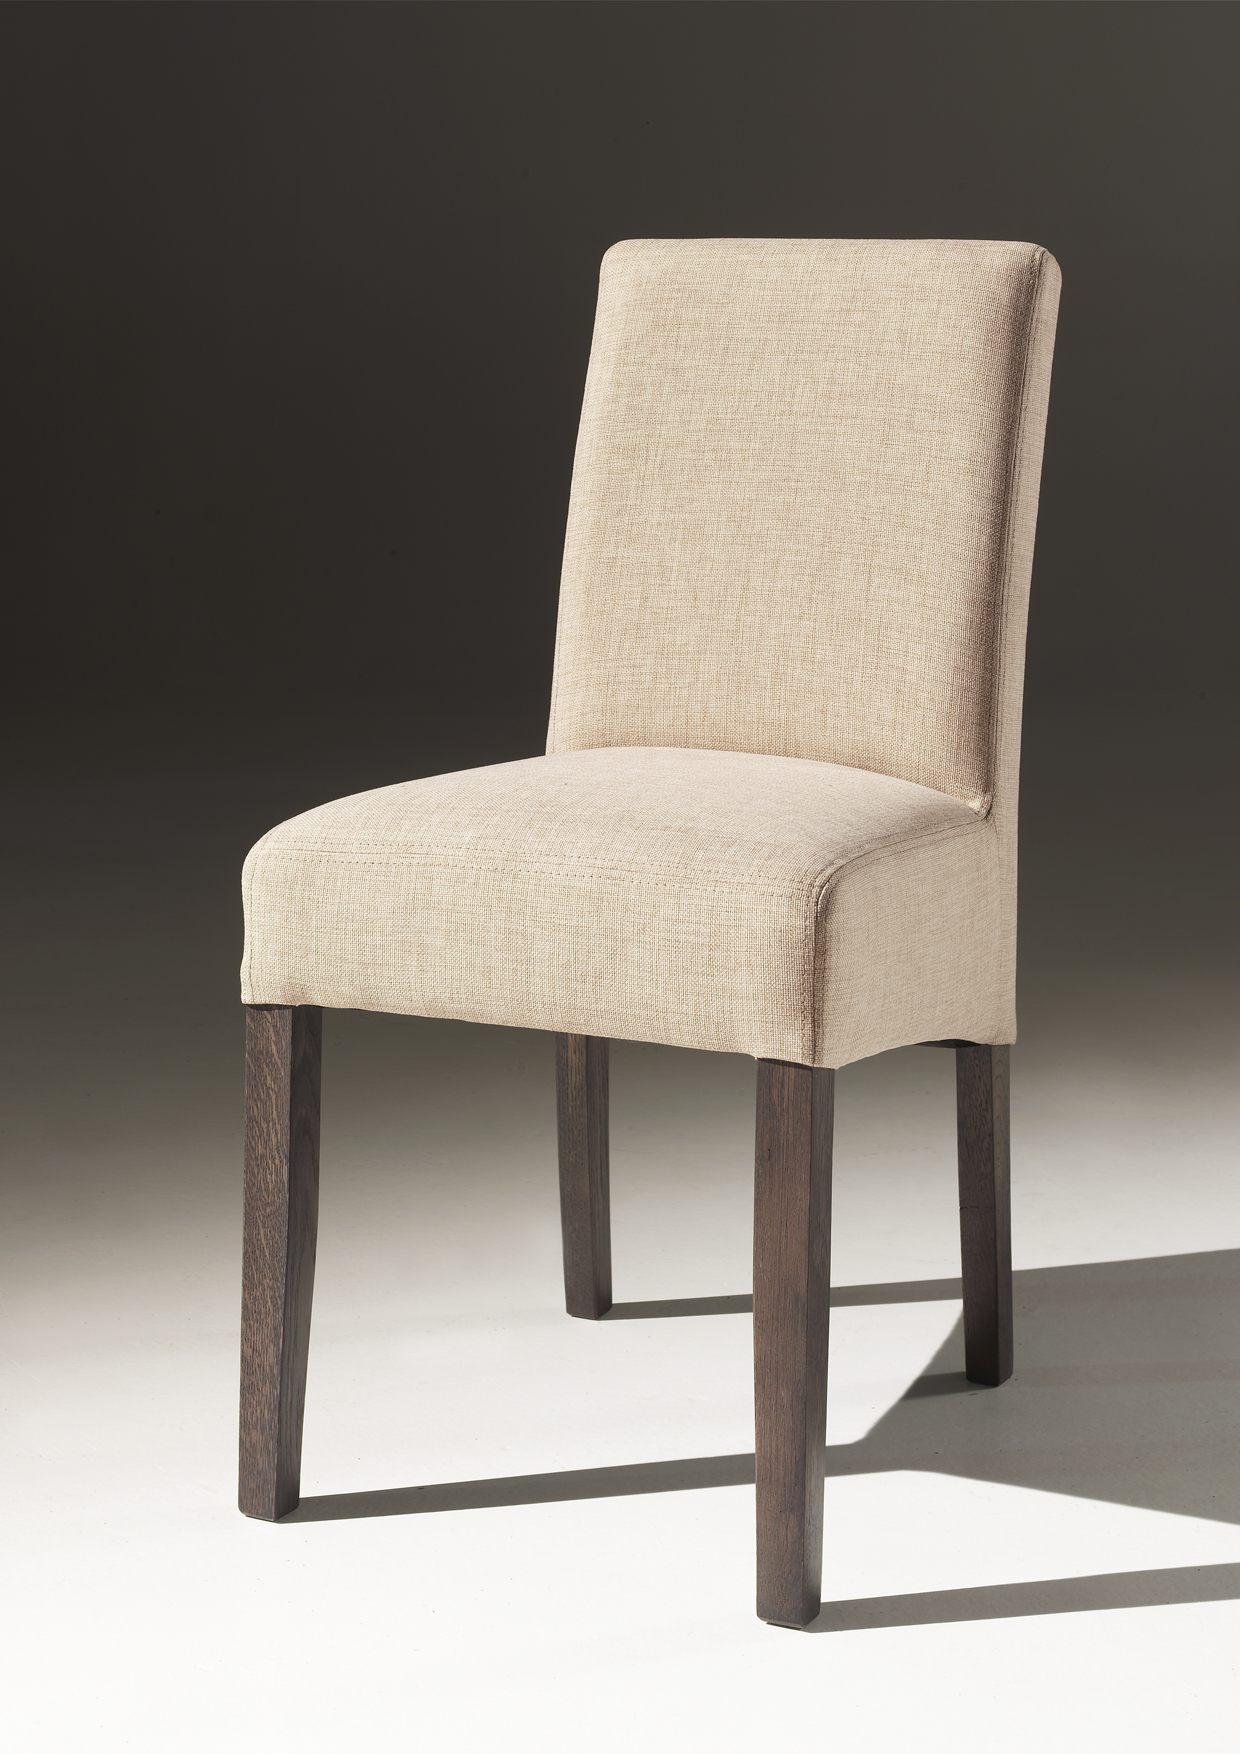 Juvo eetkamerstoel low collectie kasten tafels bedden for Eetkamerstoel fauteuil